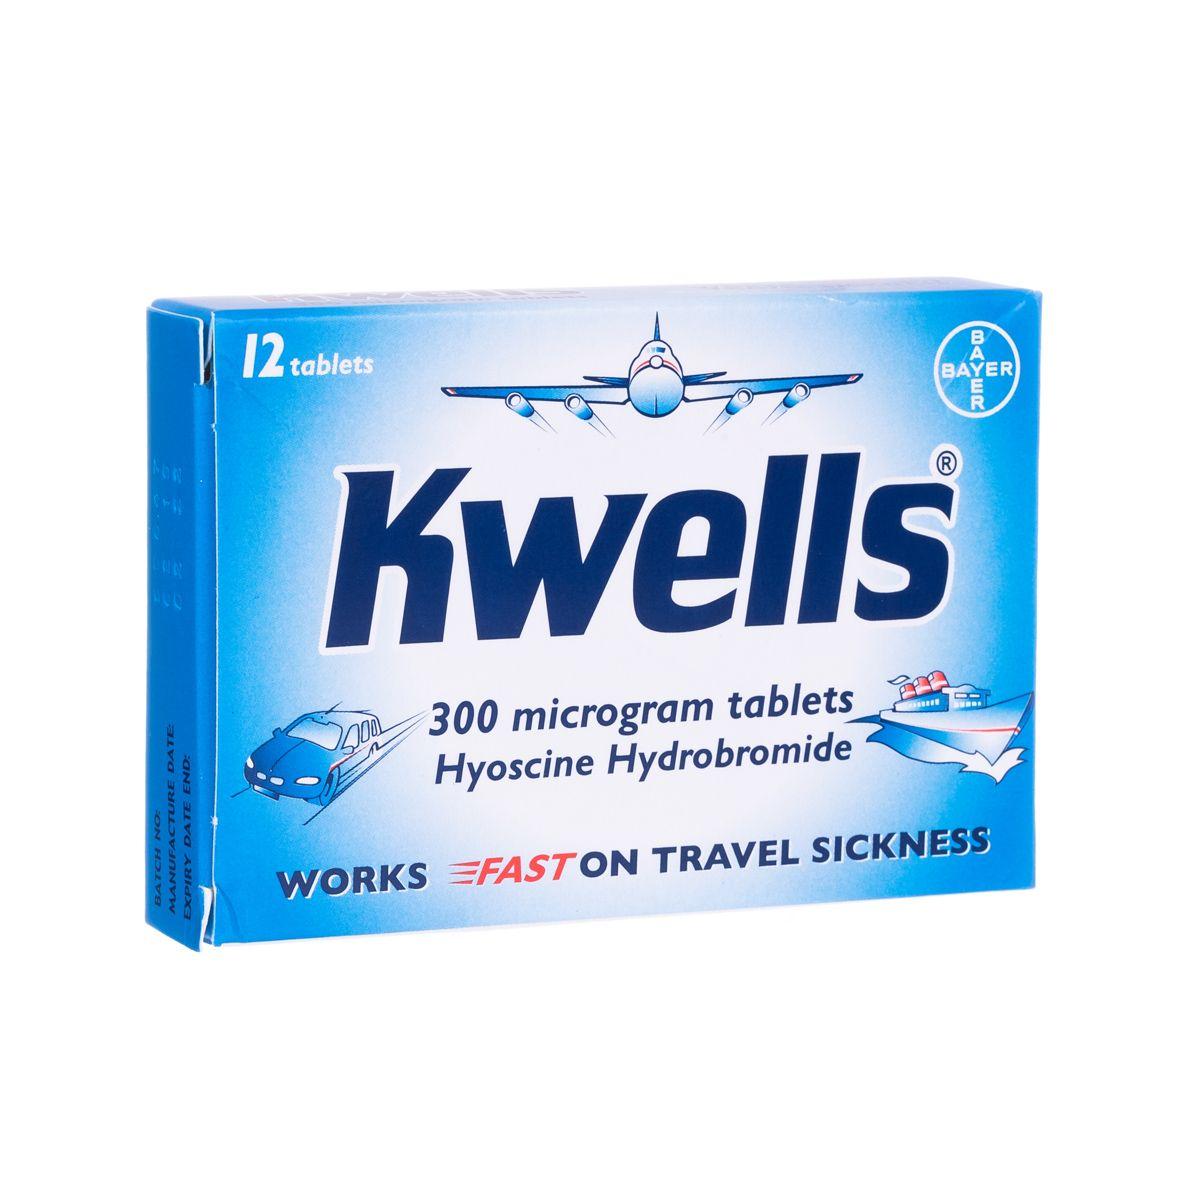 Kwells